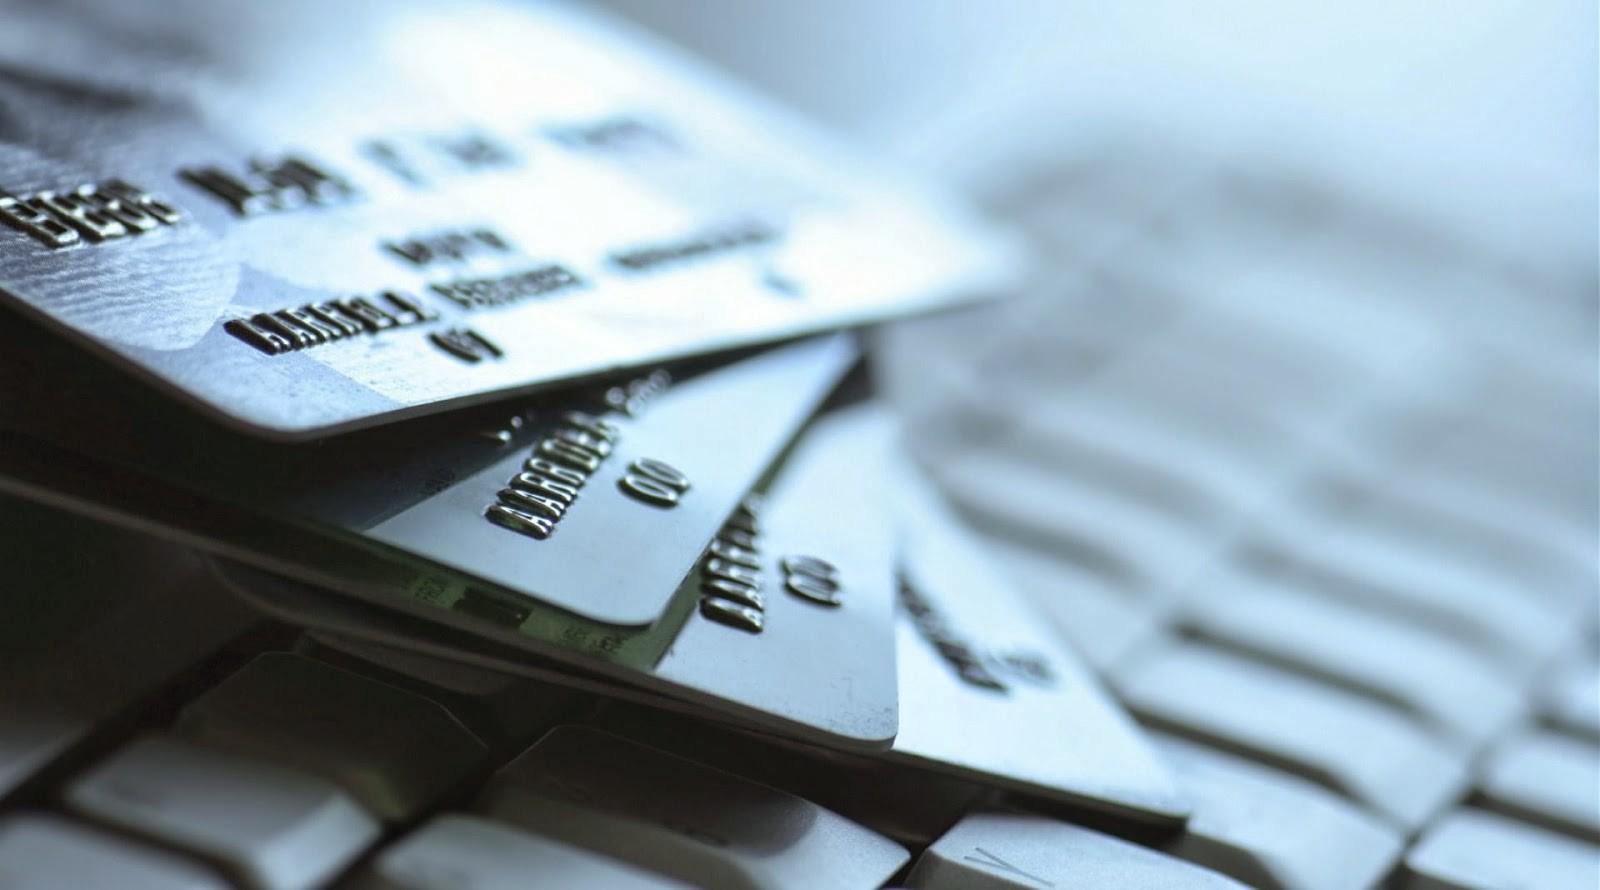 Наша кратковременная память хуже, чем мы думаем. Поэтому банки разделяют номера кредиток на блоки из четырёх цифр.